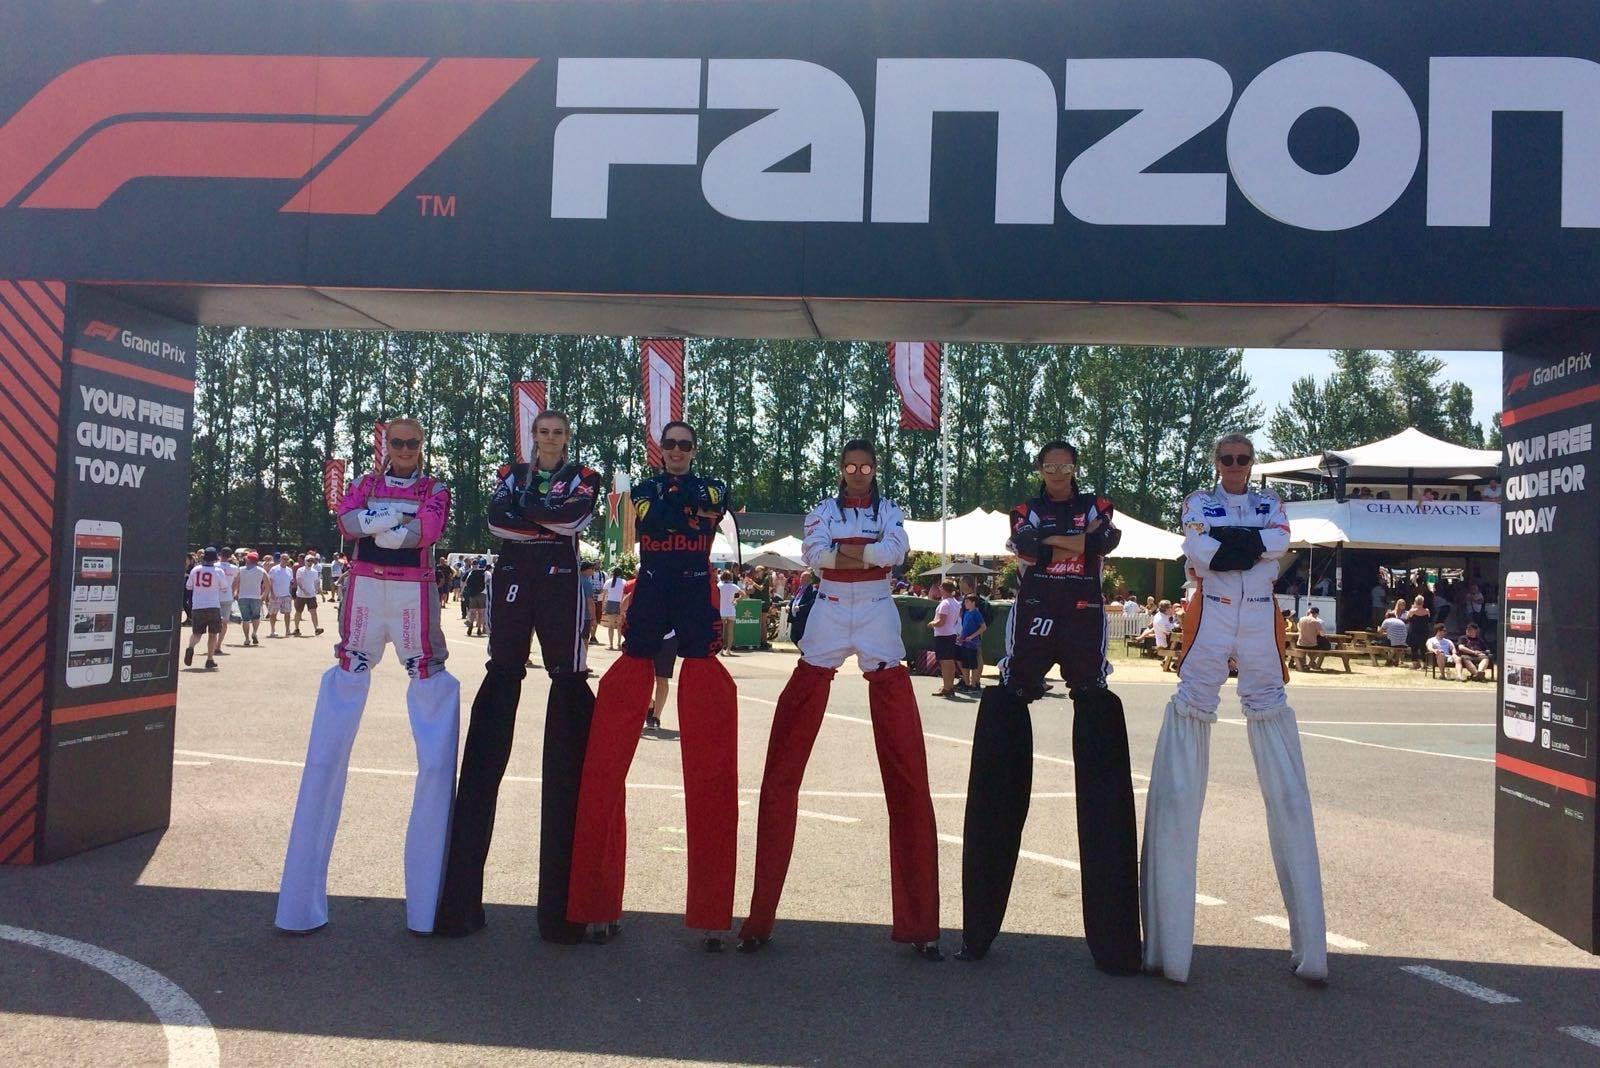 promotional stilt walkers